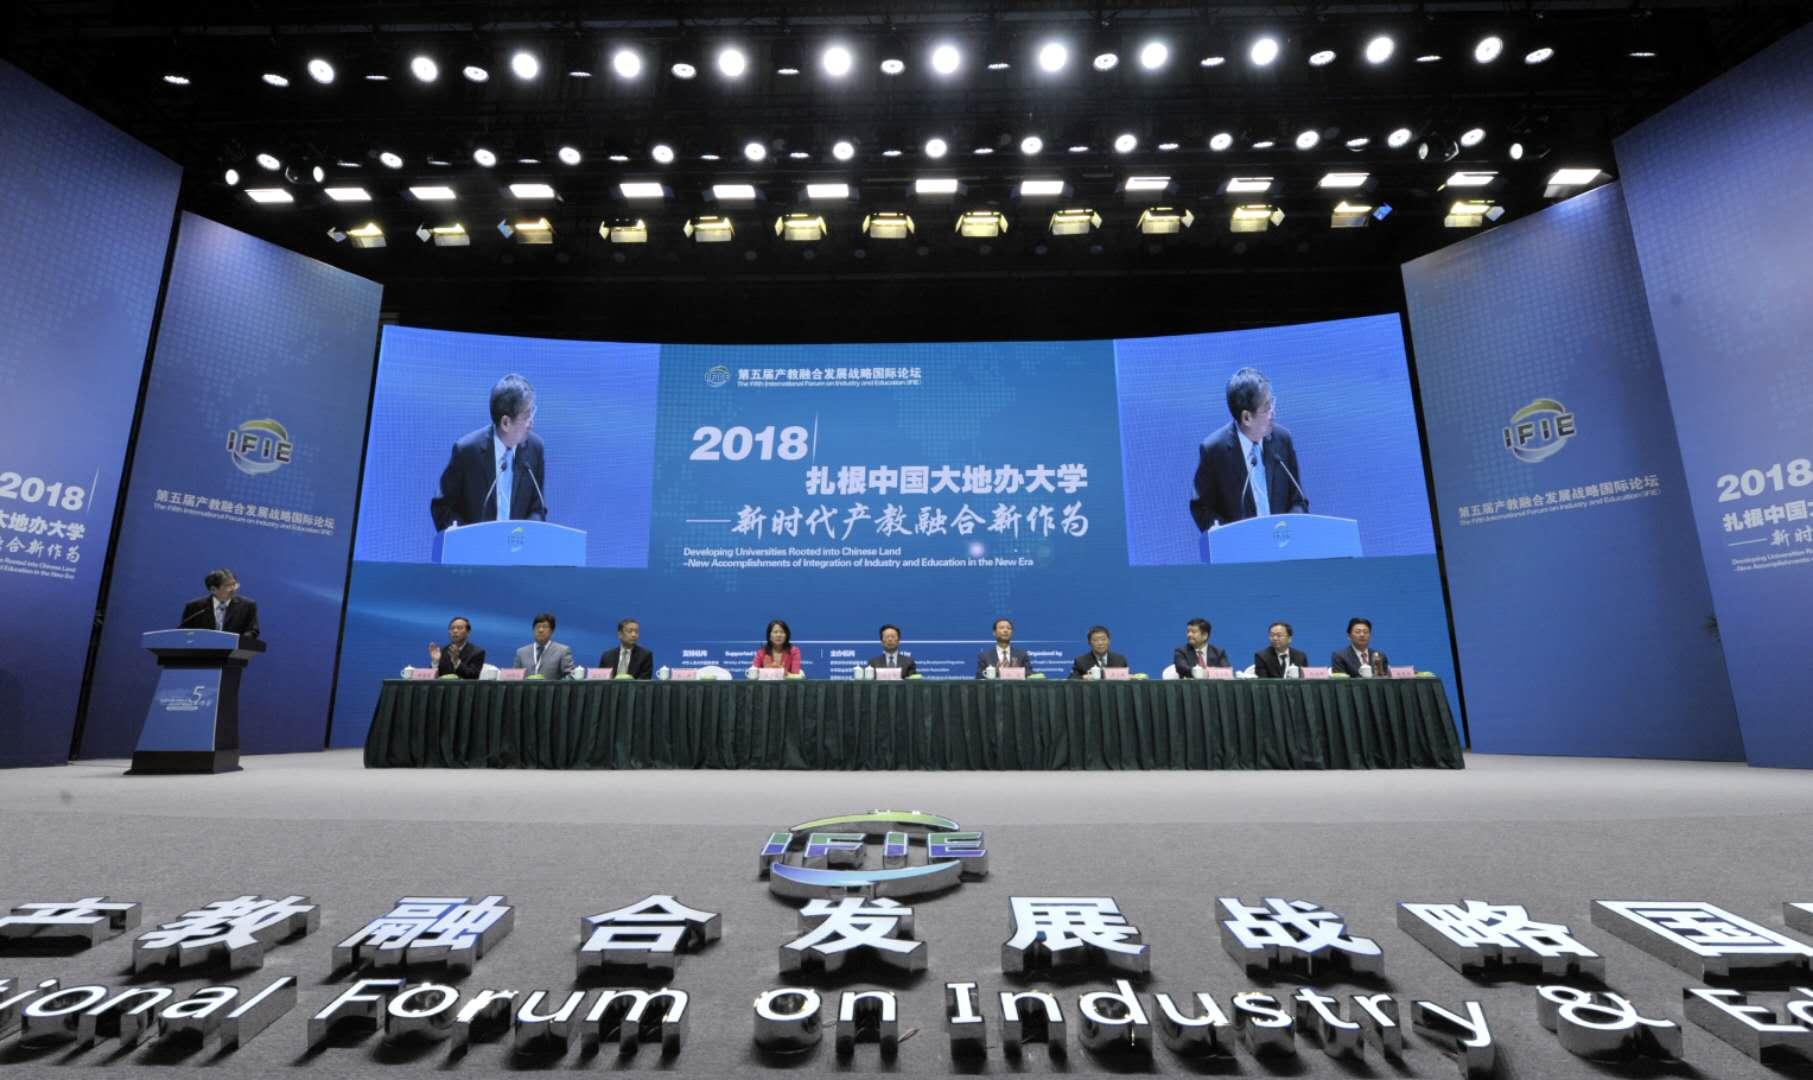 第五届产教融合发展战略国际论坛开幕